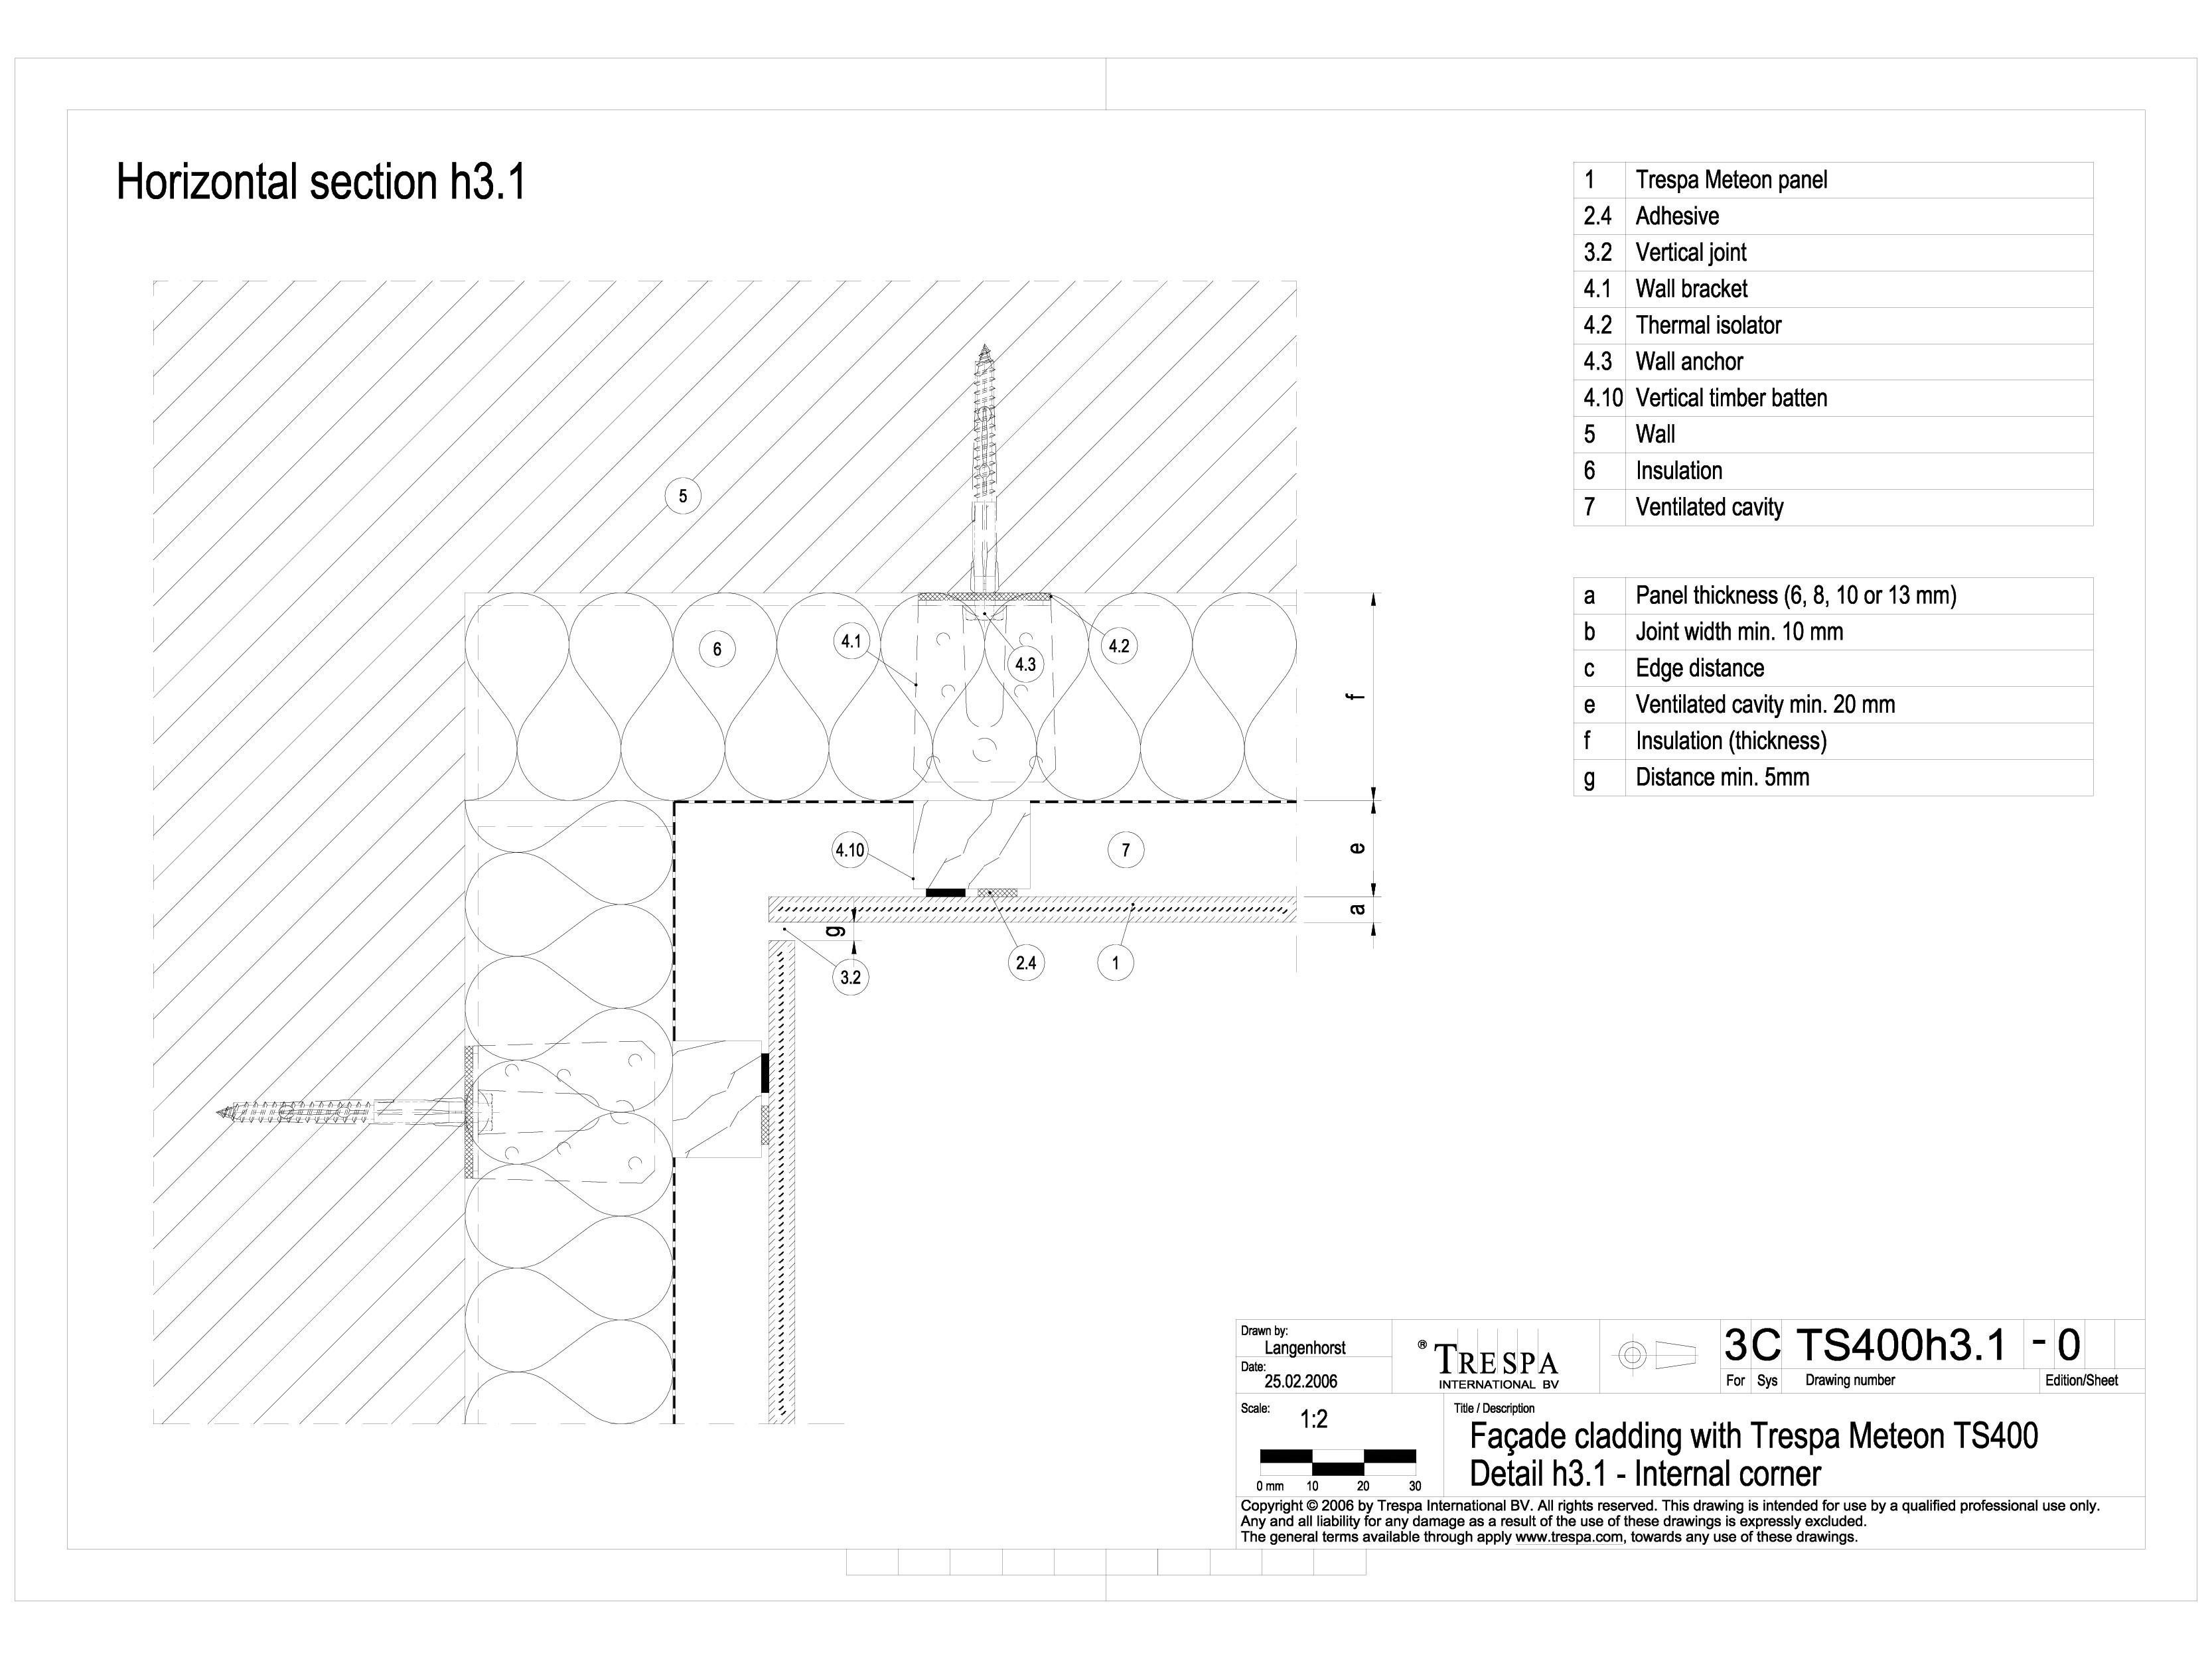 Sisteme de prindere fatade ventilate invizibile cu adeziv si suruburi, detaliu colt interior METEON TRESPA Placi HPL pentru fatade ventilate GIBB TECHNOLOGIES  - Pagina 1